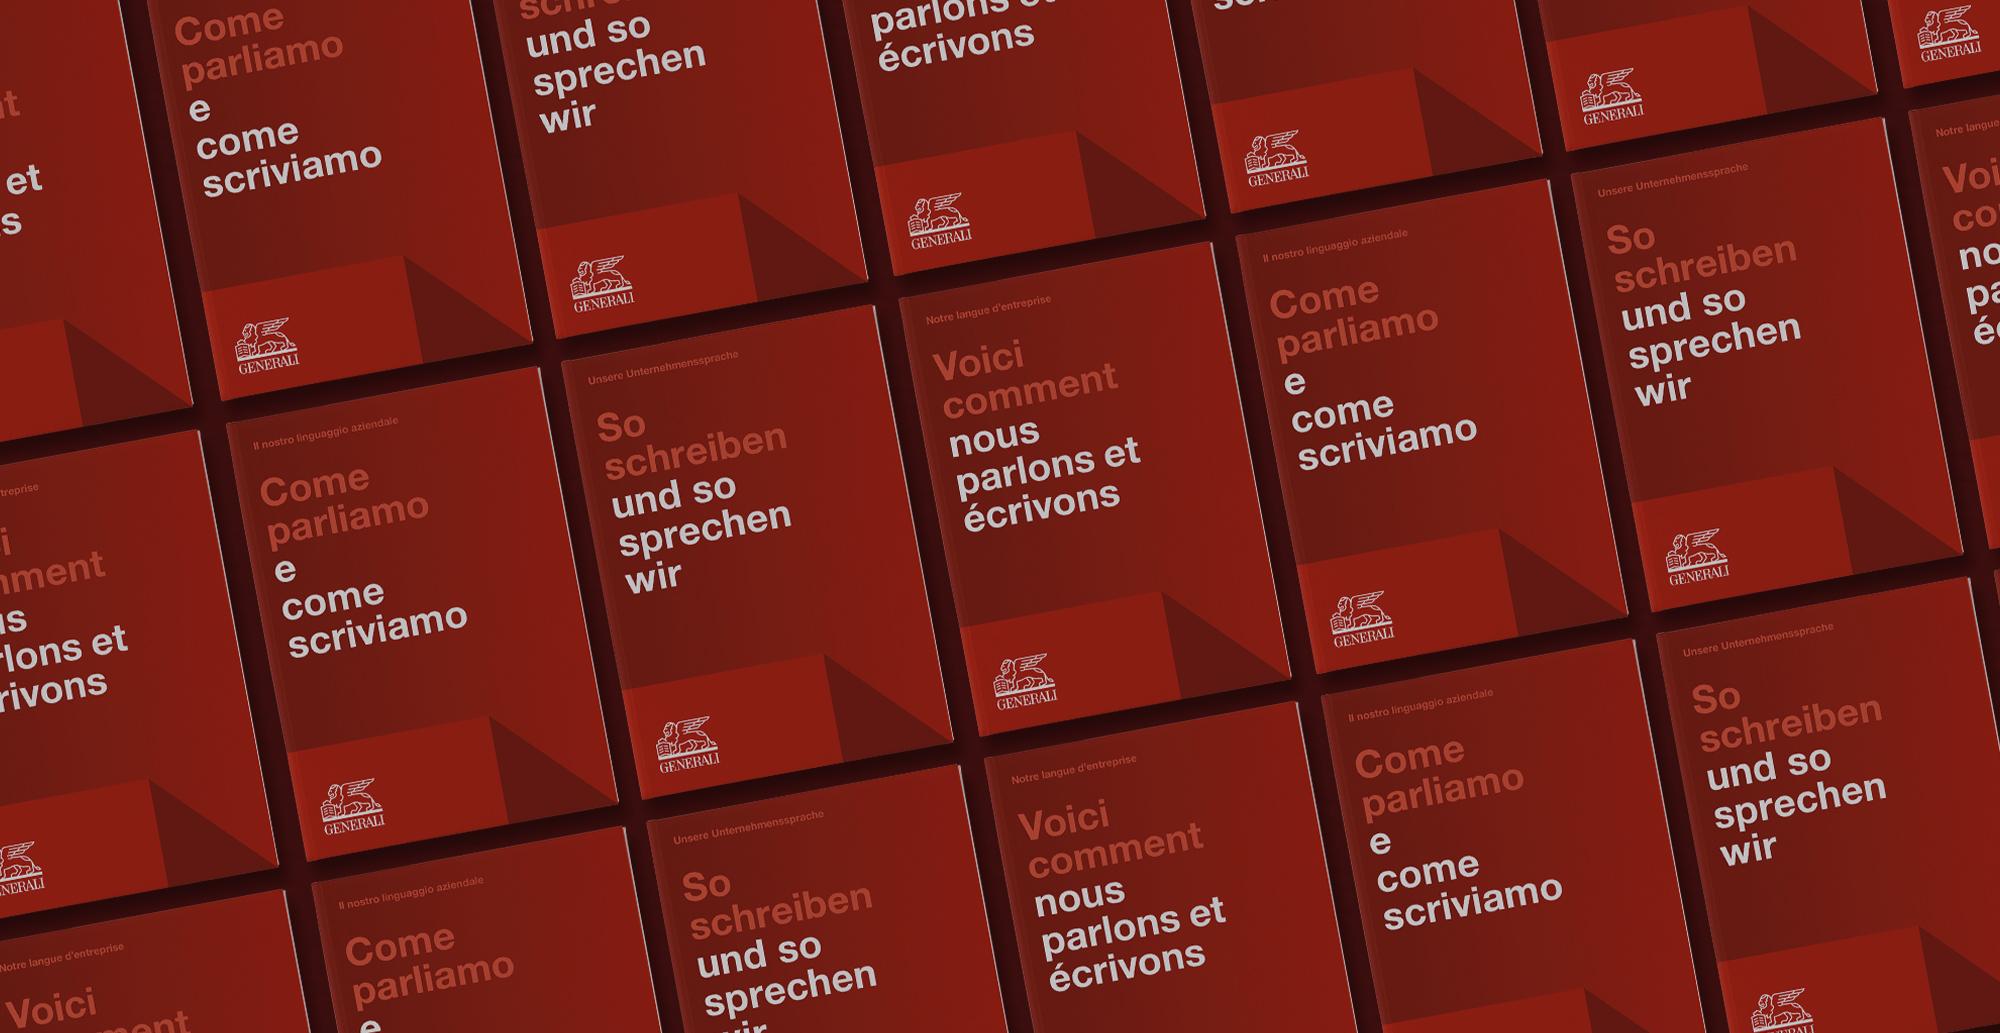 Übersicht der Cover in den drei Sprachen Deutsch, Französisch und Italienisch